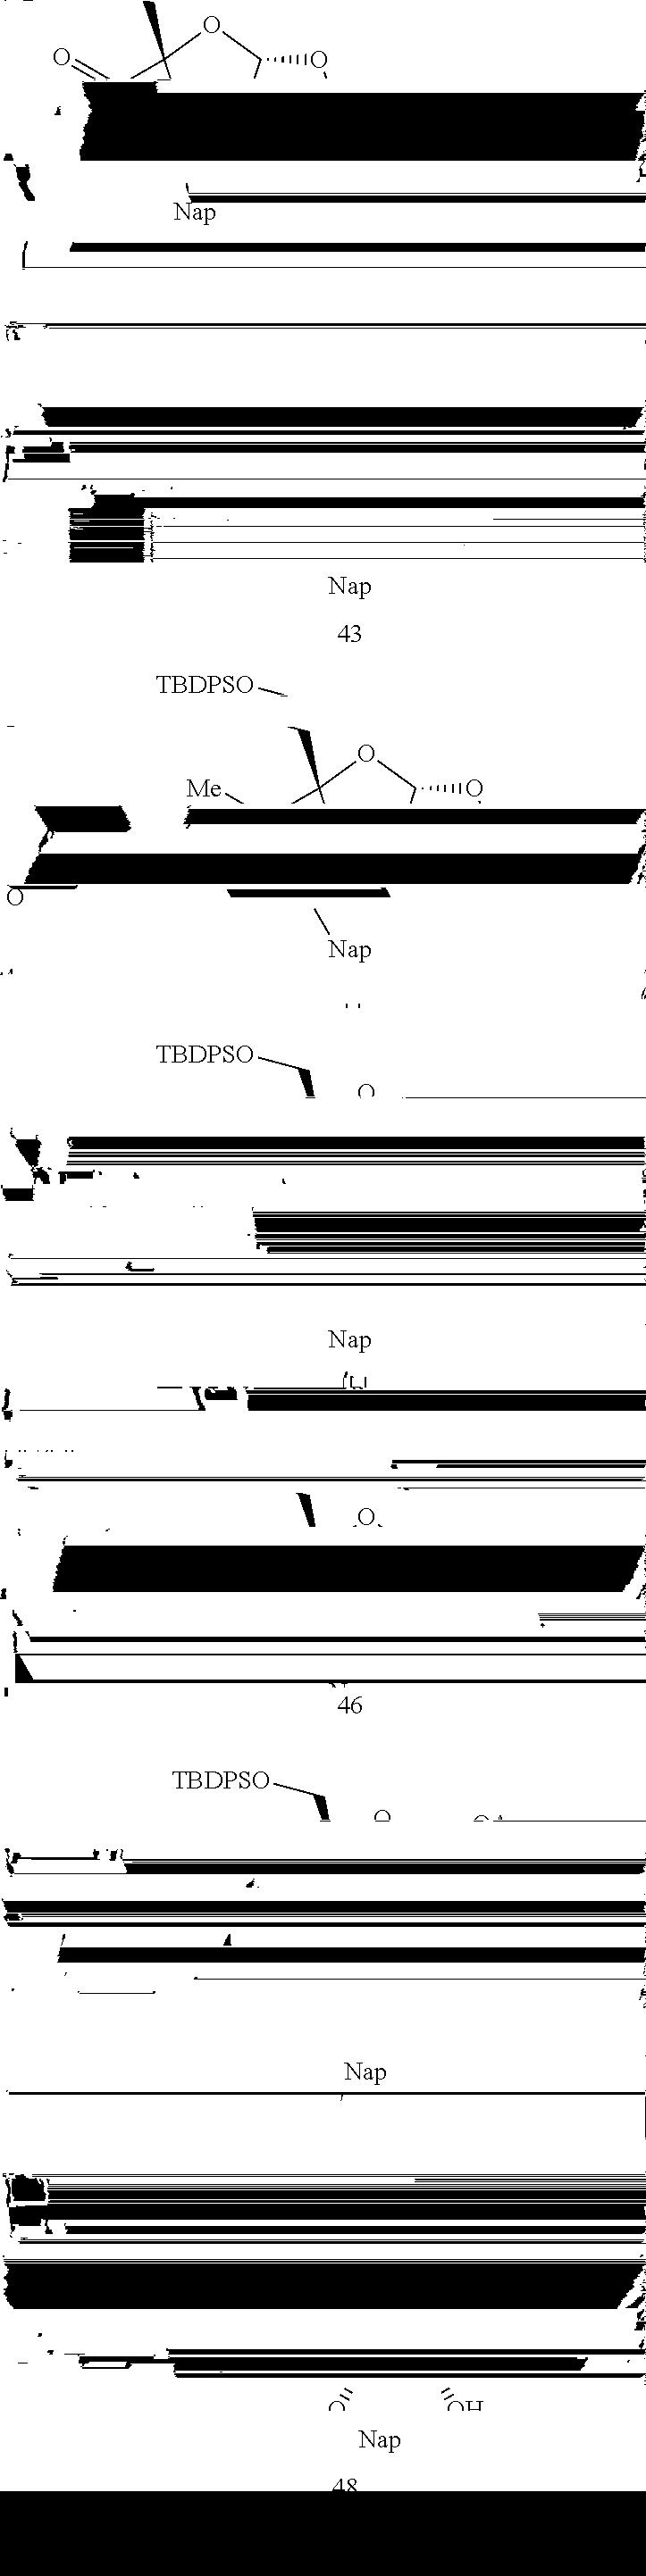 Figure US08278283-20121002-C00022